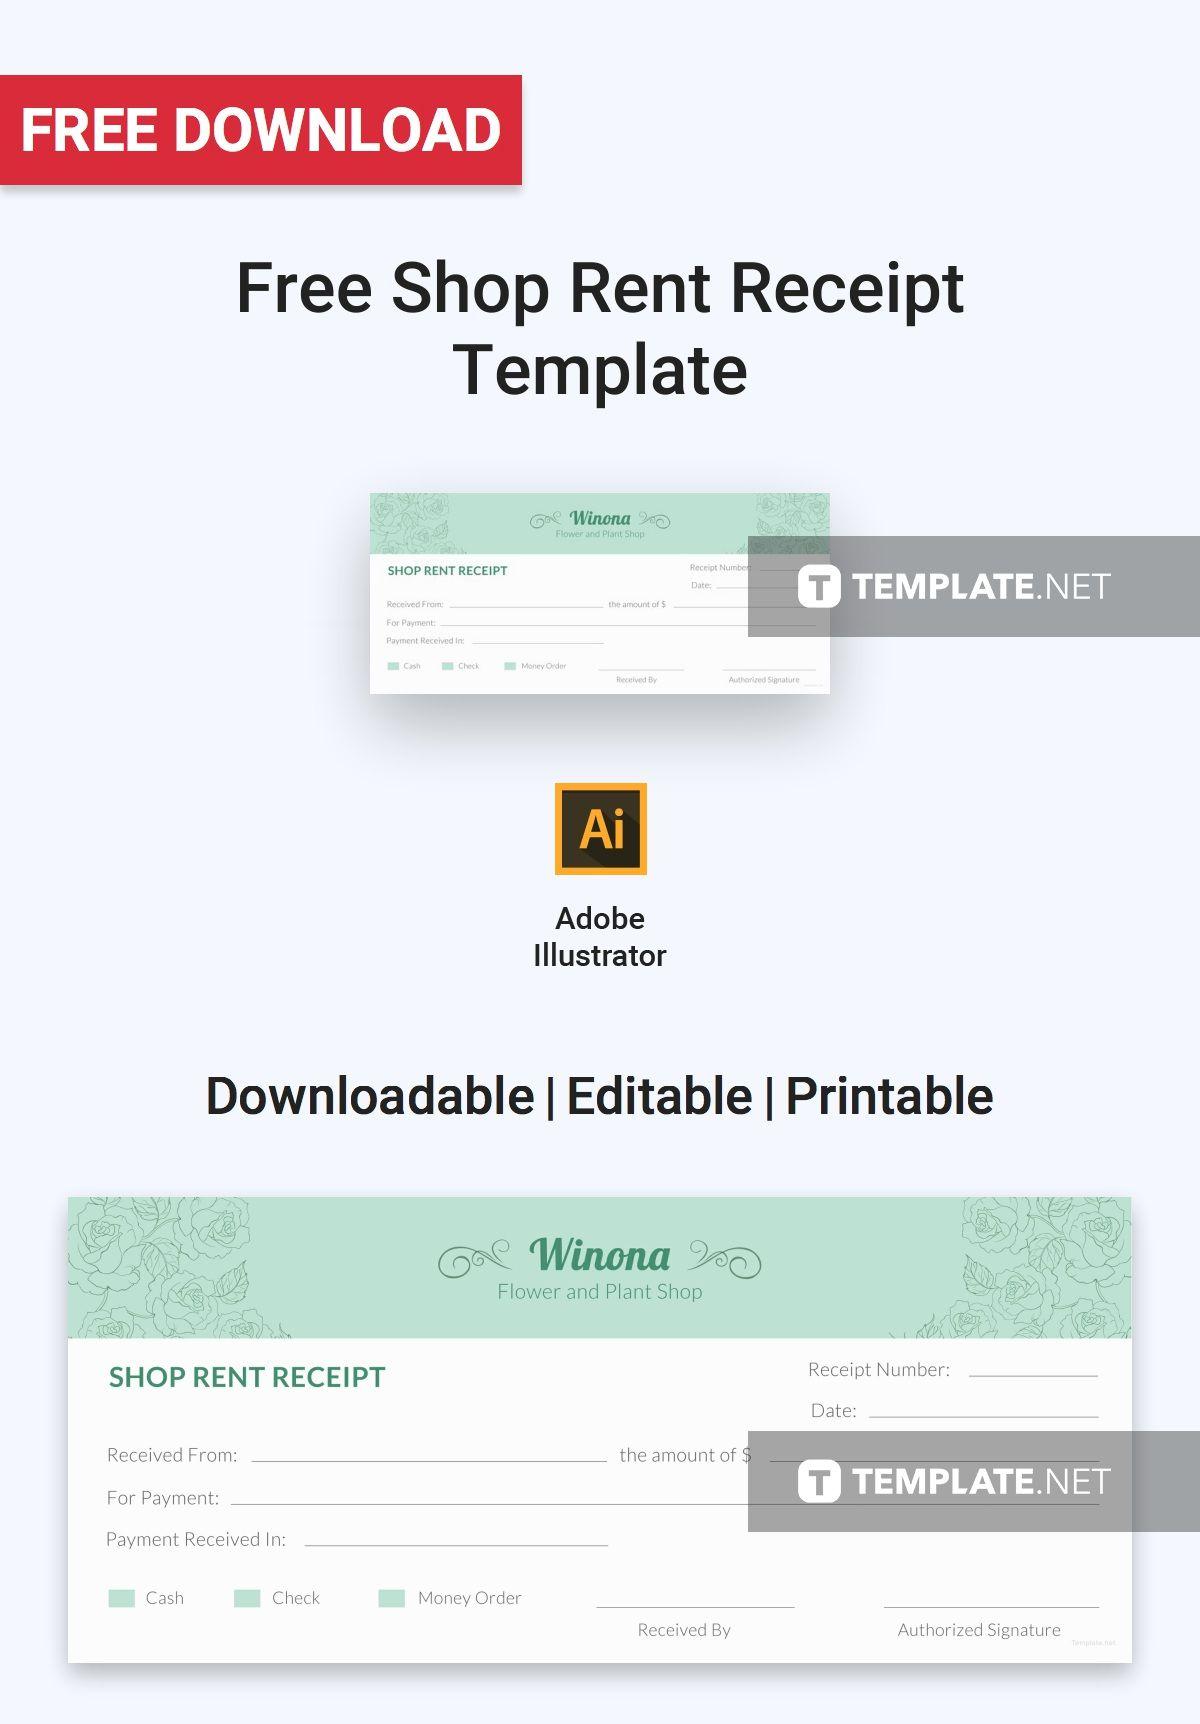 Shop Rent Receipt Template Free Pdf Google Docs Google Sheets Excel Word Template Net Receipt Template Templates Template Design Ga car bill of sale